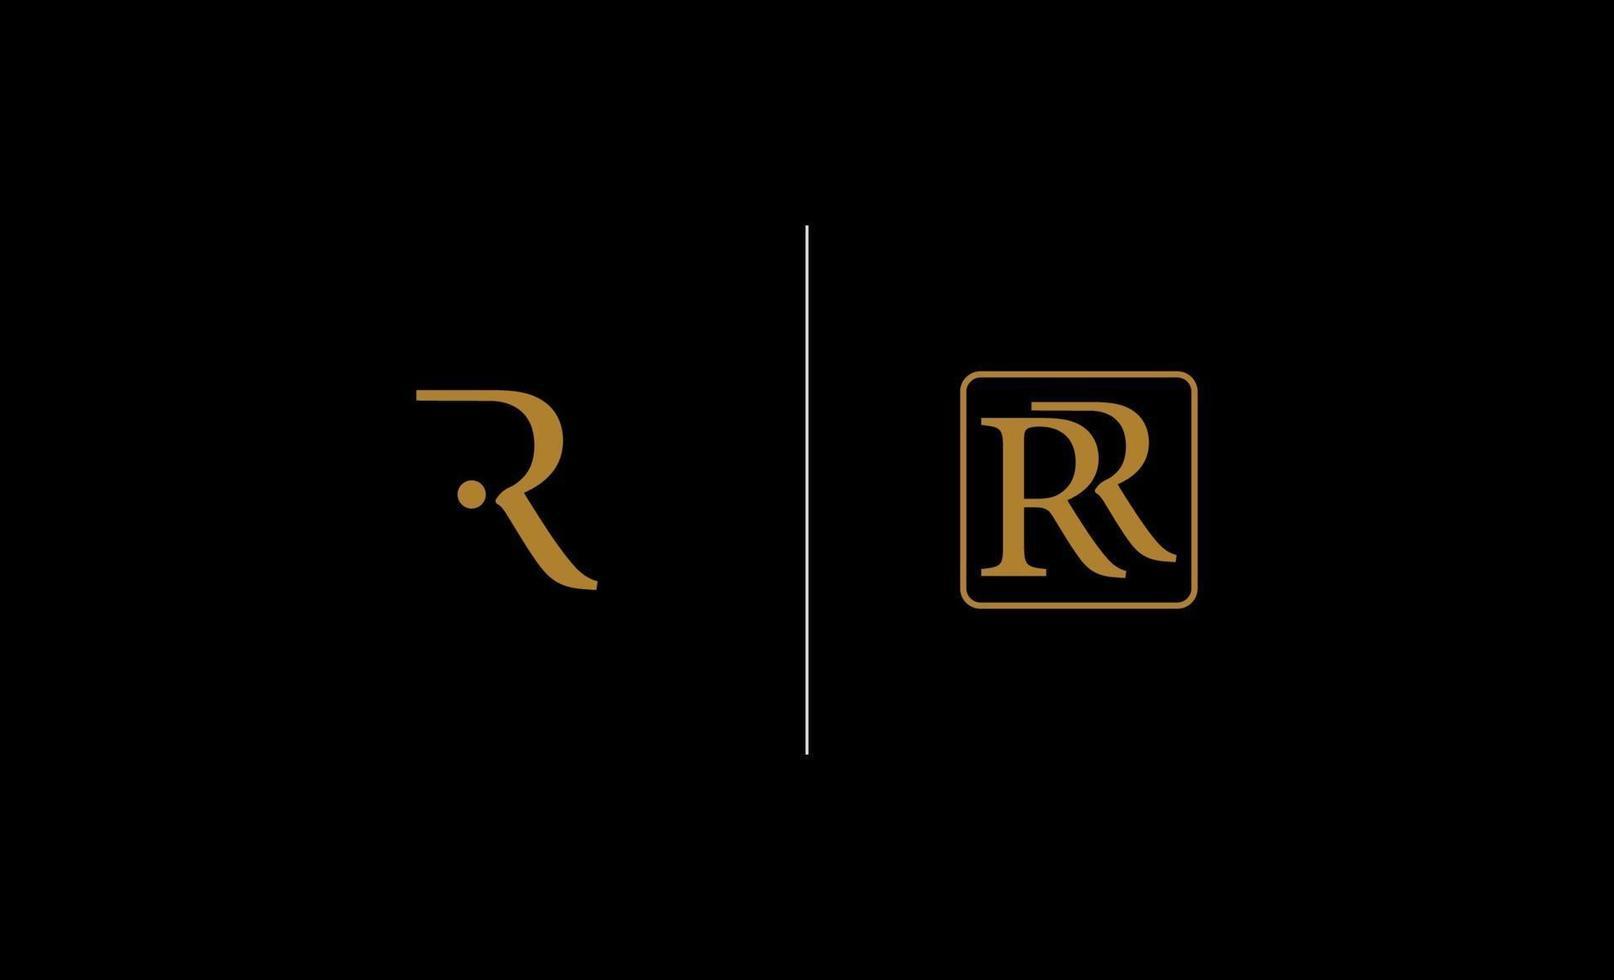 brev r inspiration logo design vektor